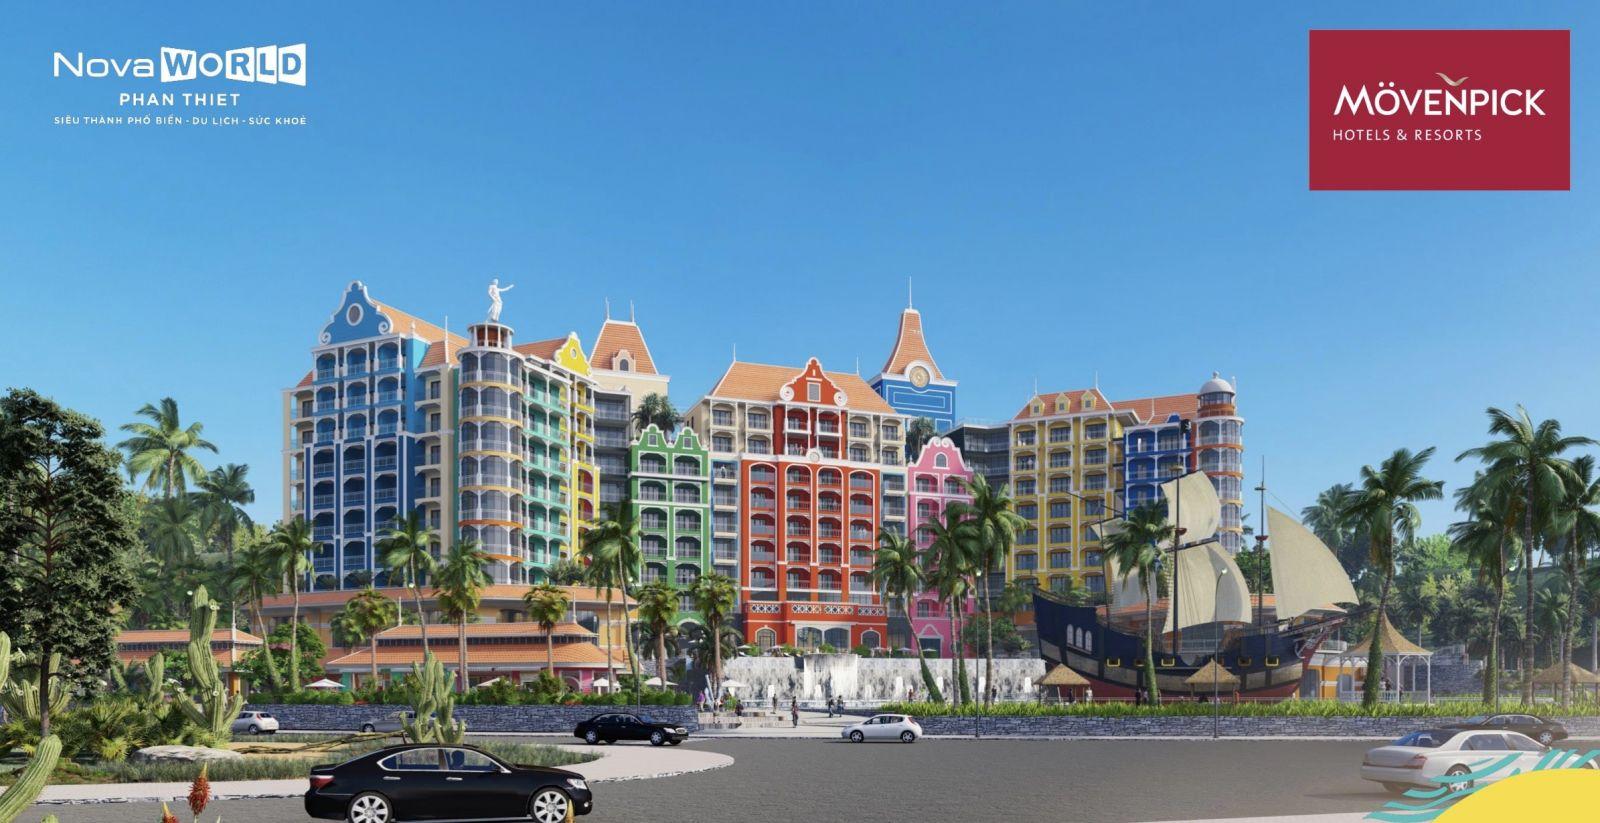 khách sạn movempick